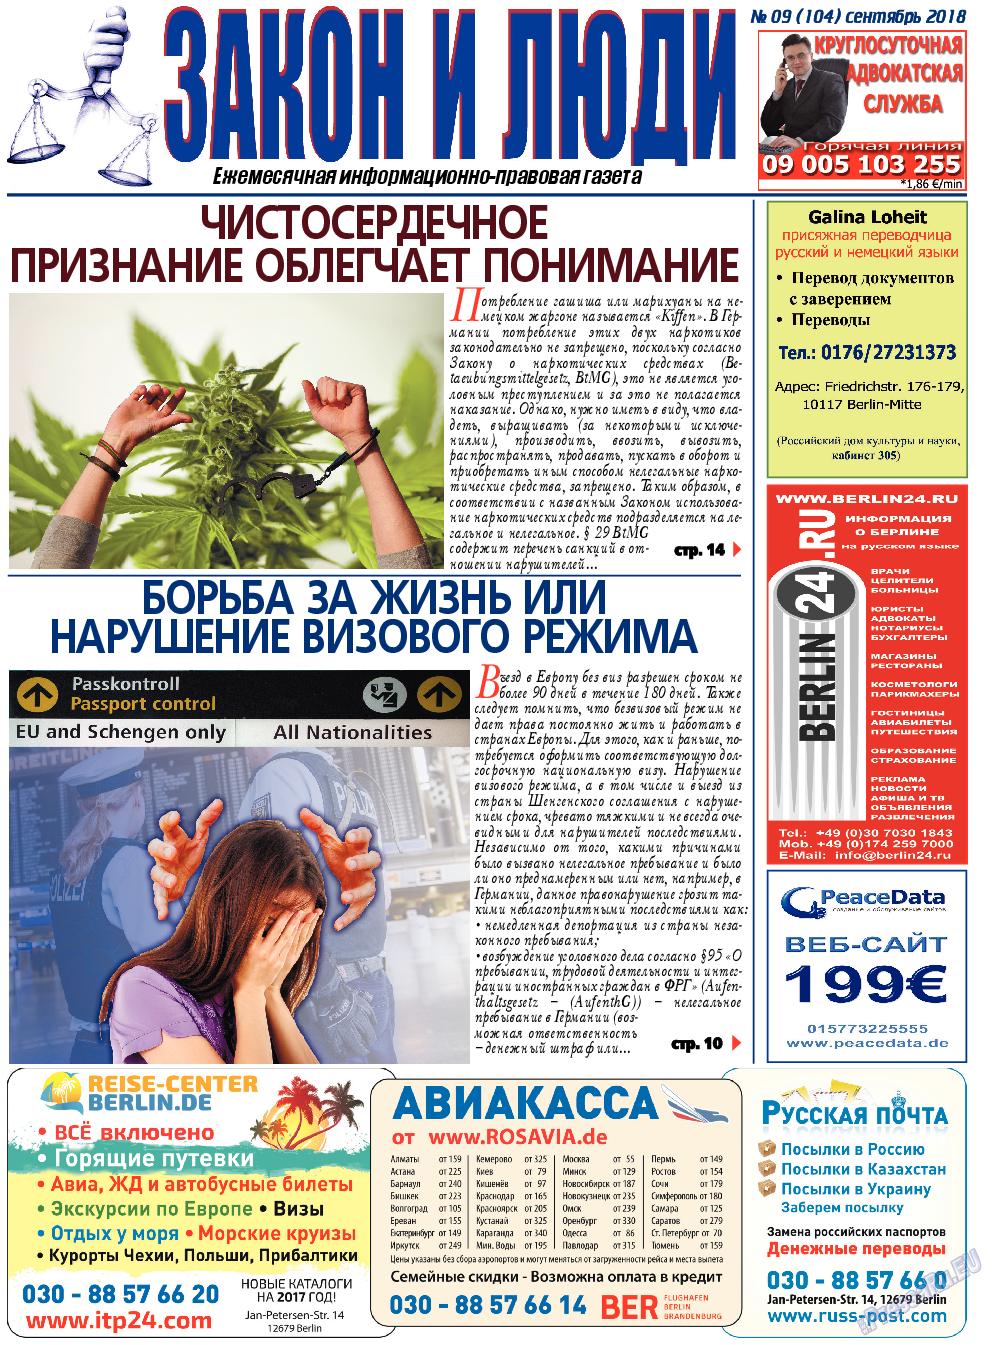 Закон и люди (газета). 2018 год, номер 9, стр. 1